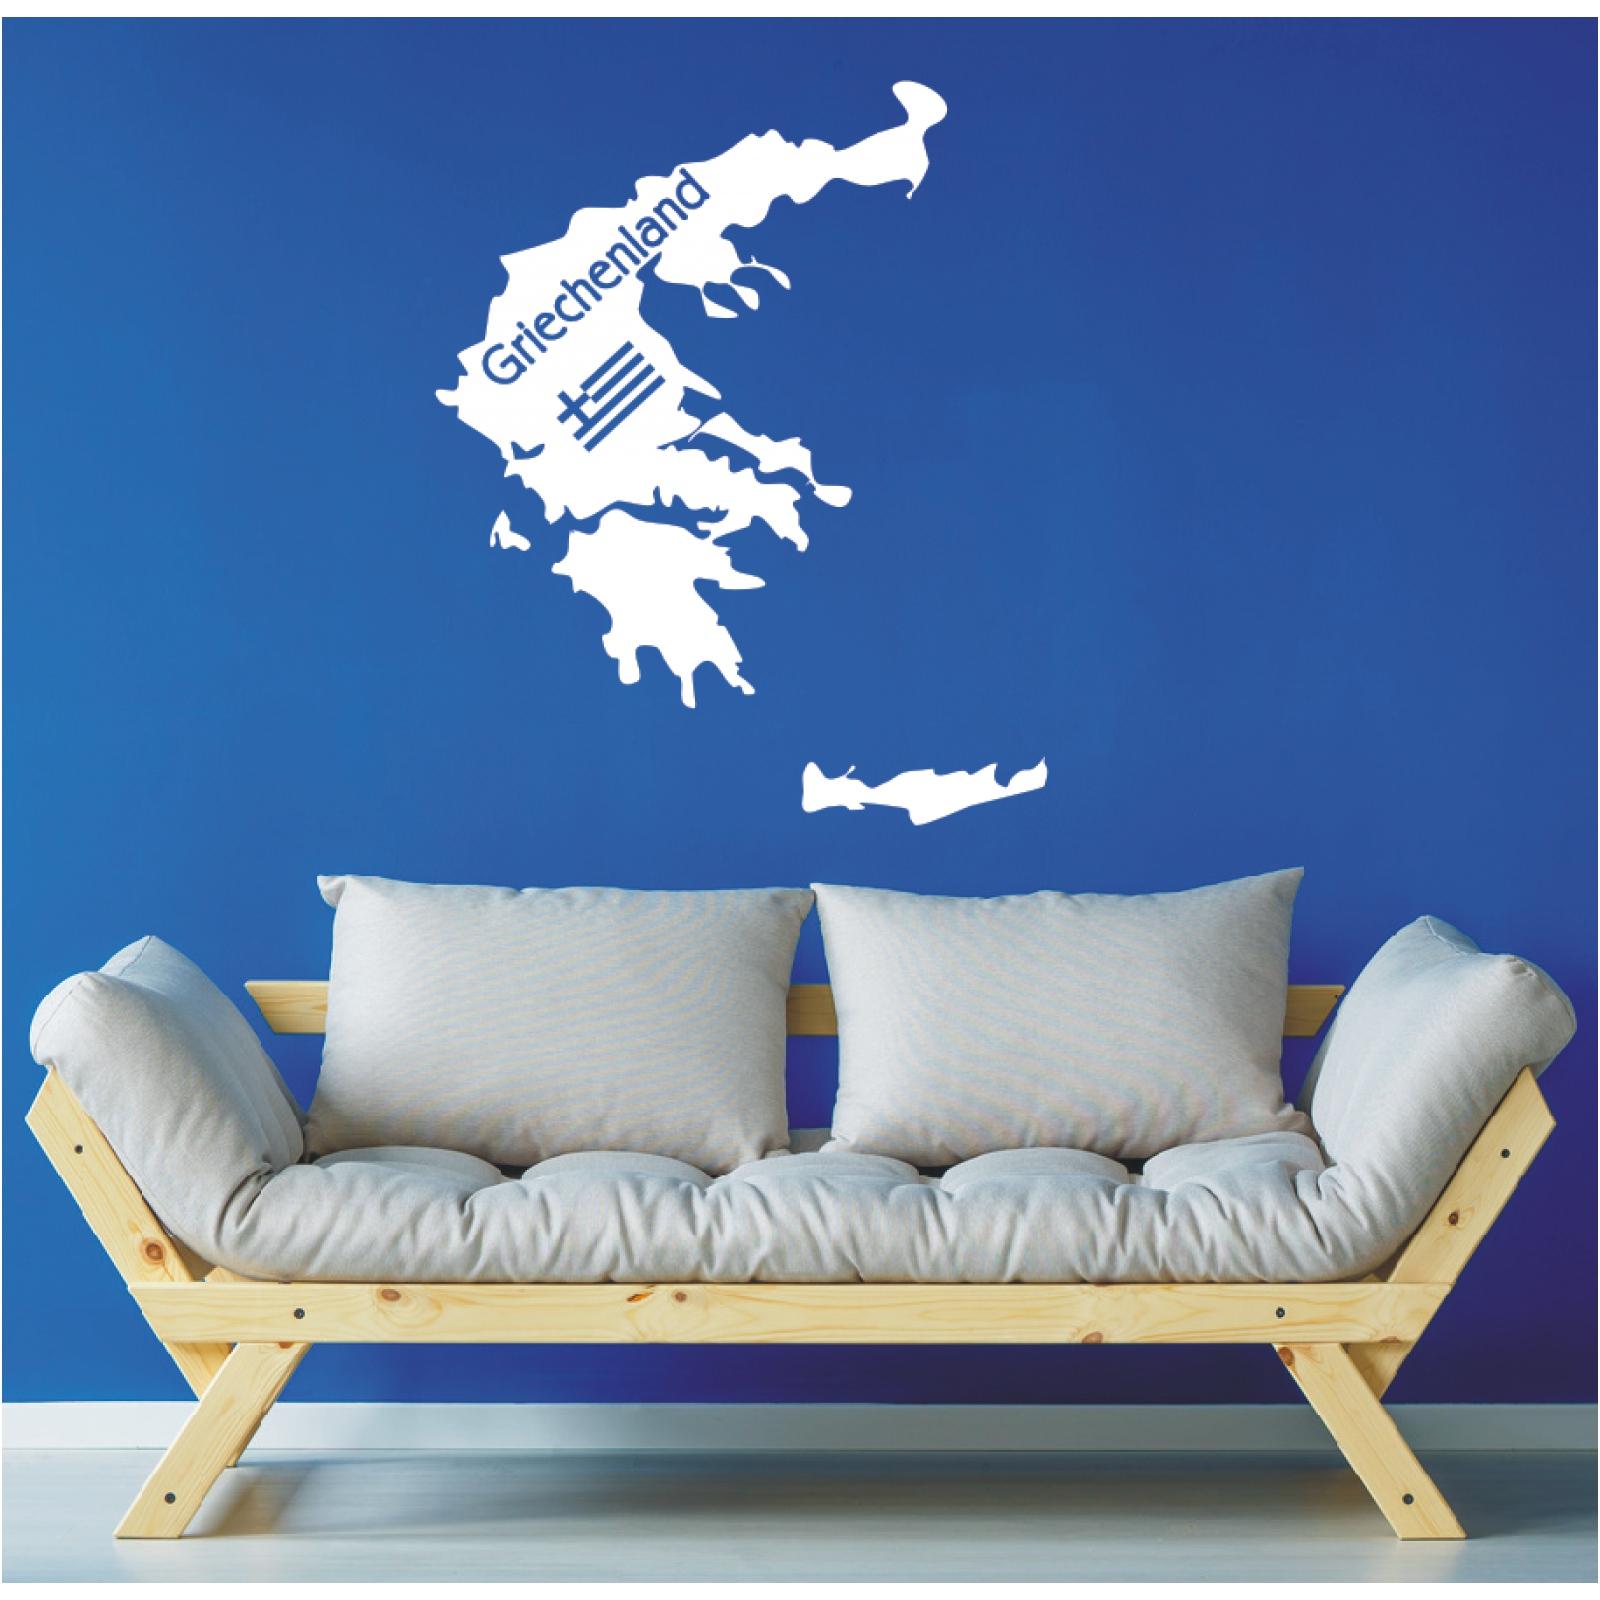 Landkarte Wandtattoo  Griechenland Greece Karte Europa Wandaufkleber Sticker